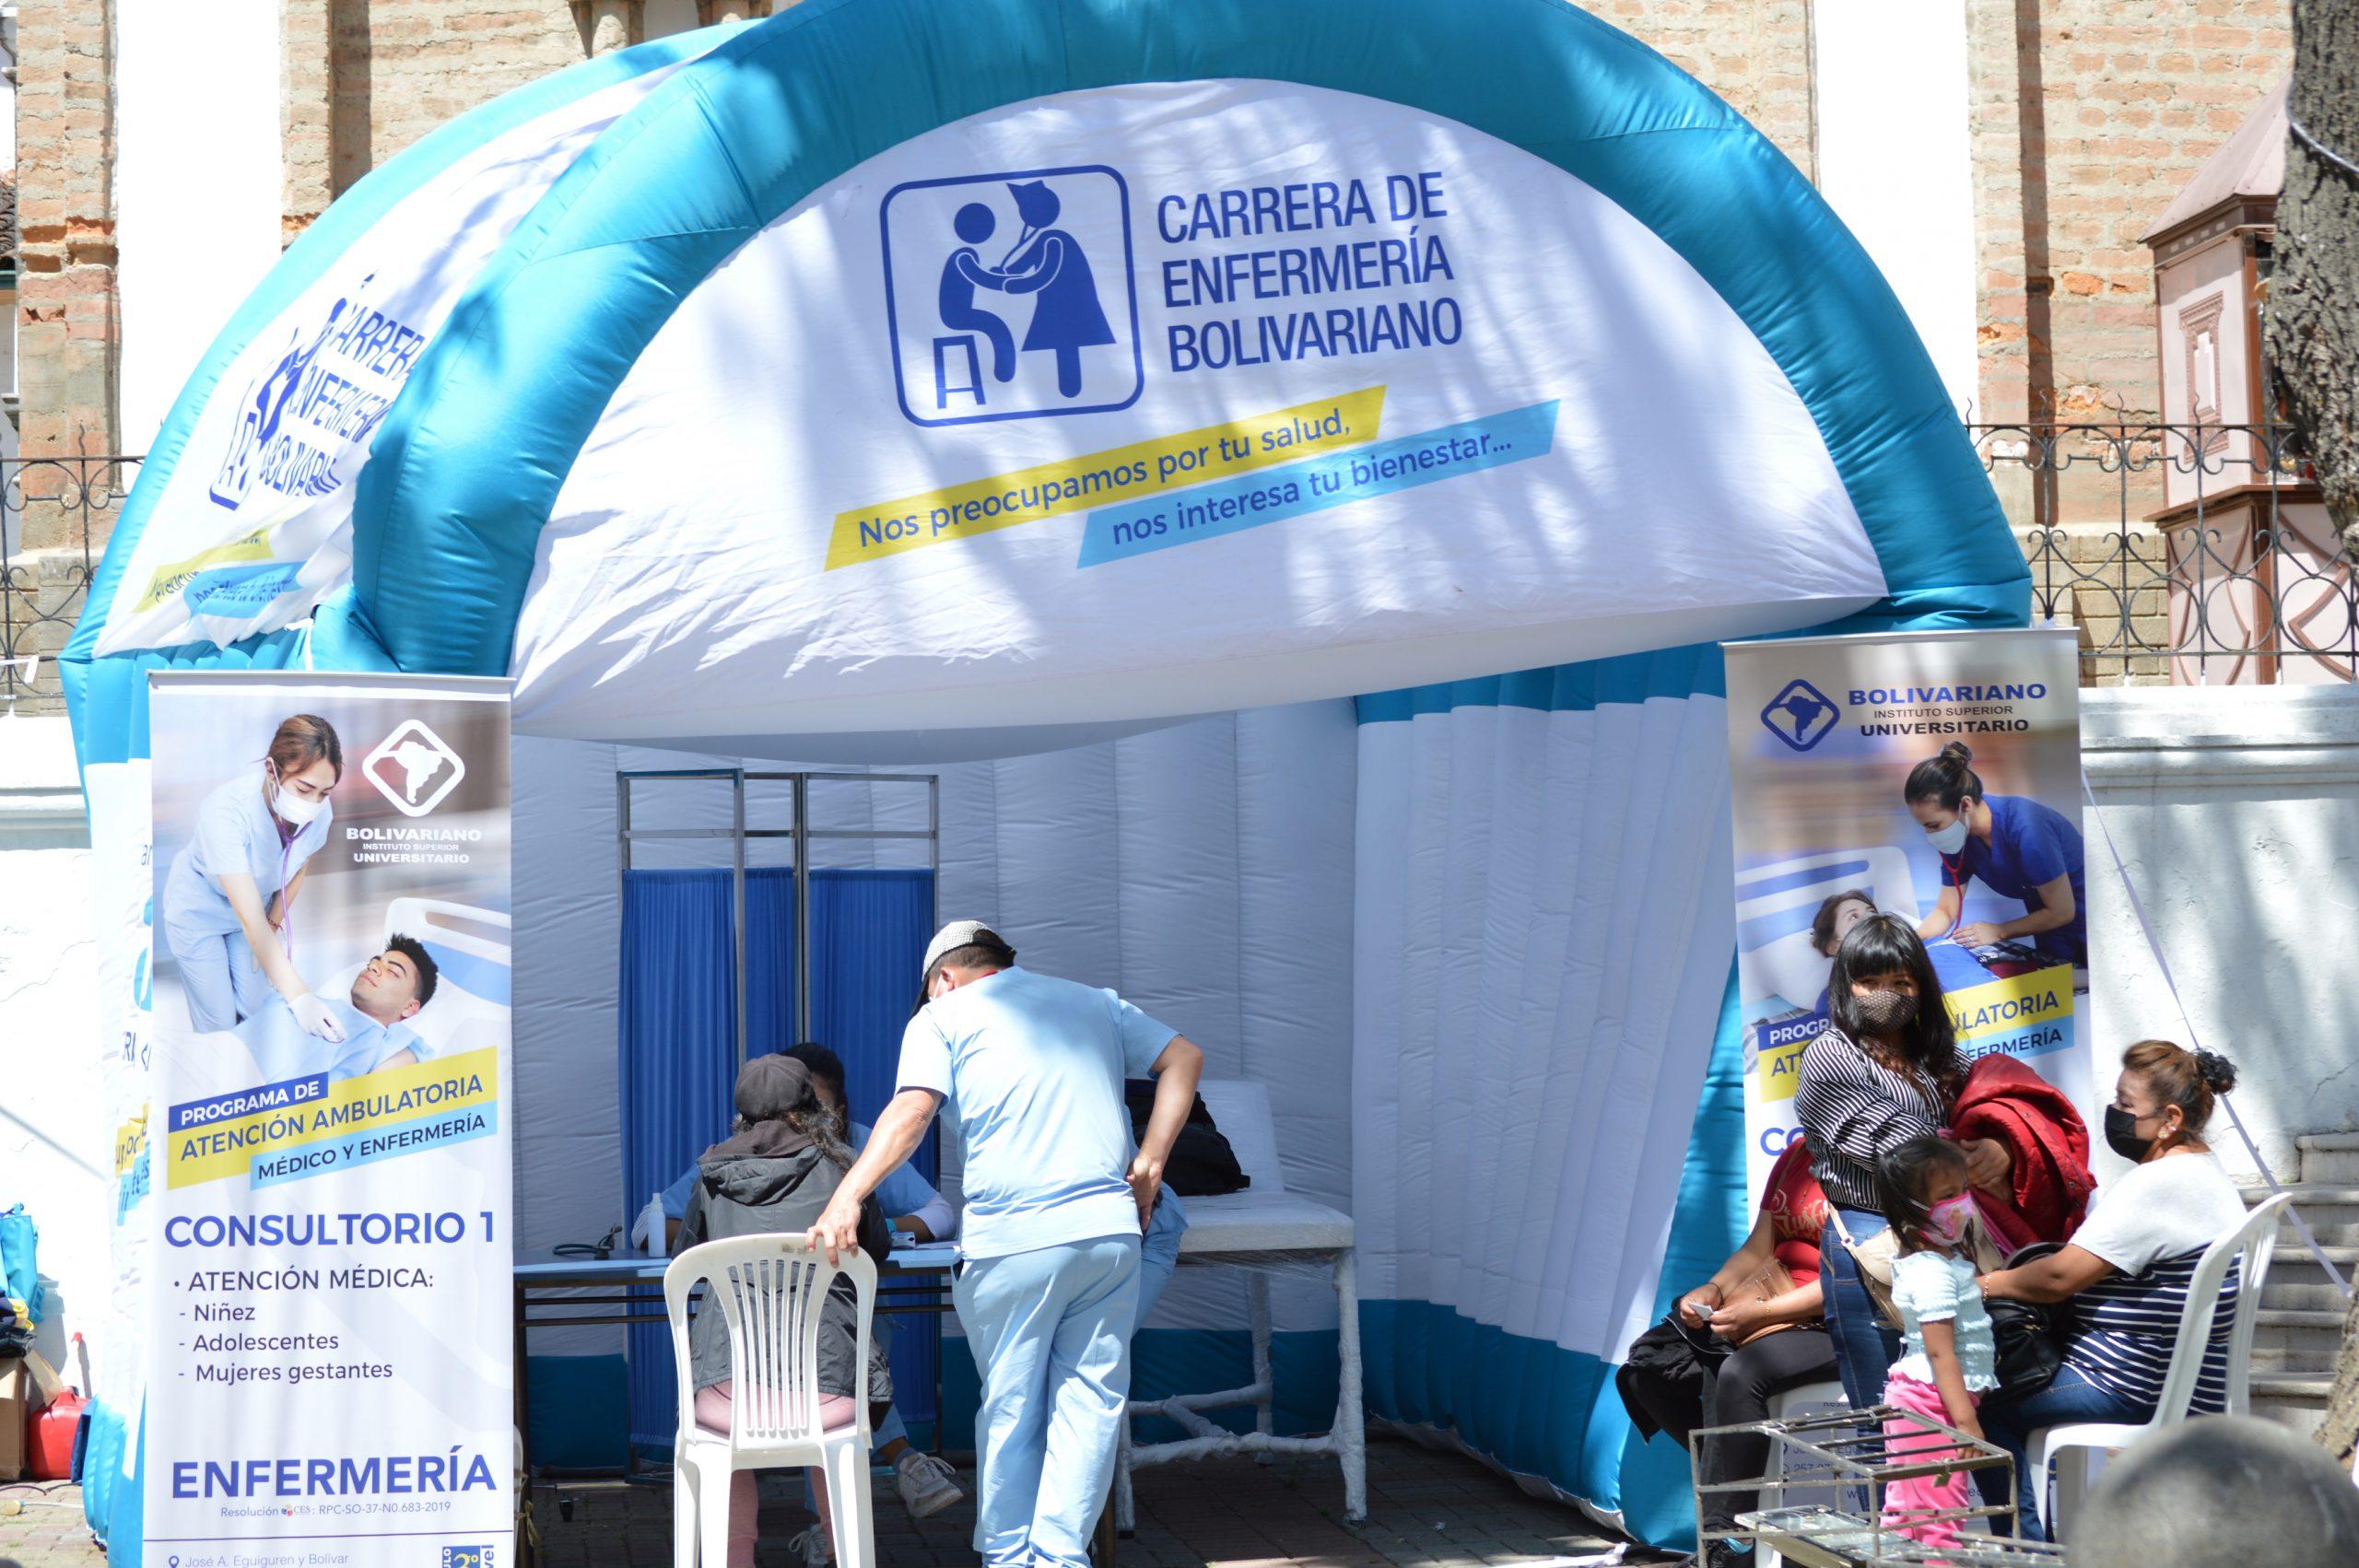 El UNIVERSITARIO BOLIVARIANO brinda atención gratuita en Medicina y Enfermería